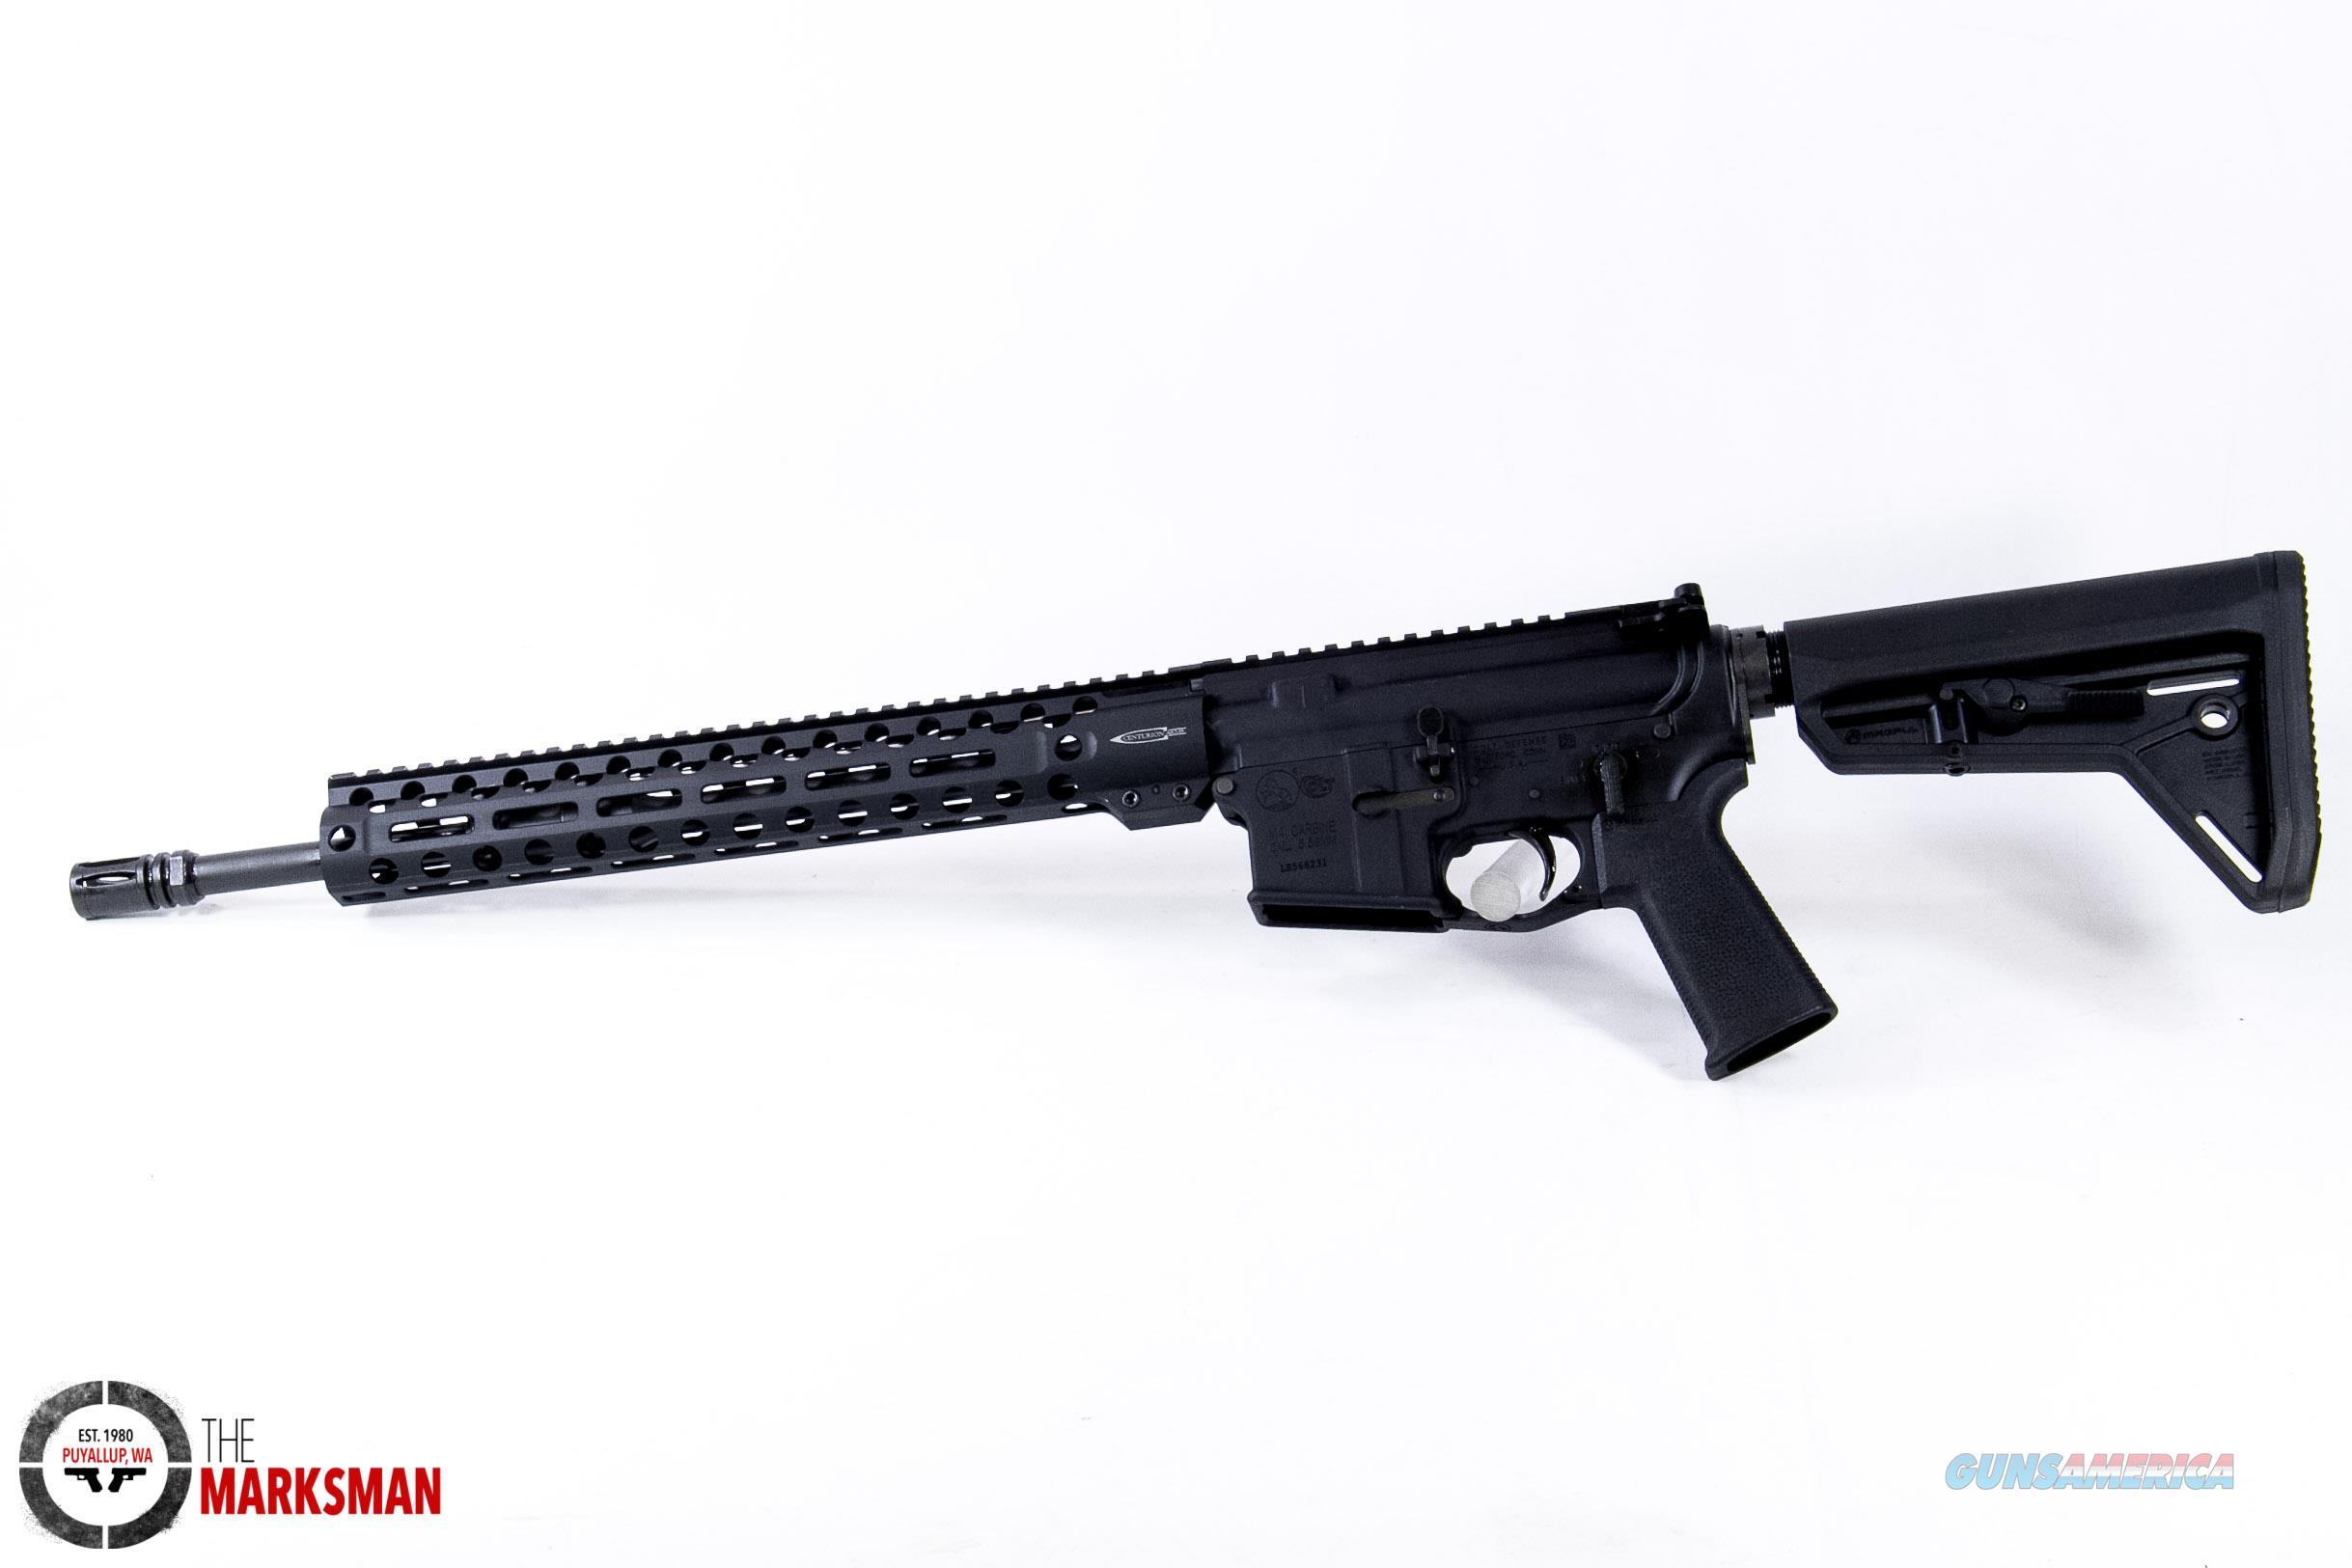 Colt Combat Unit Carbine, 5.56mm NATO  Guns > Rifles > Colt Rifles - Non-AR15 Modern Rifles